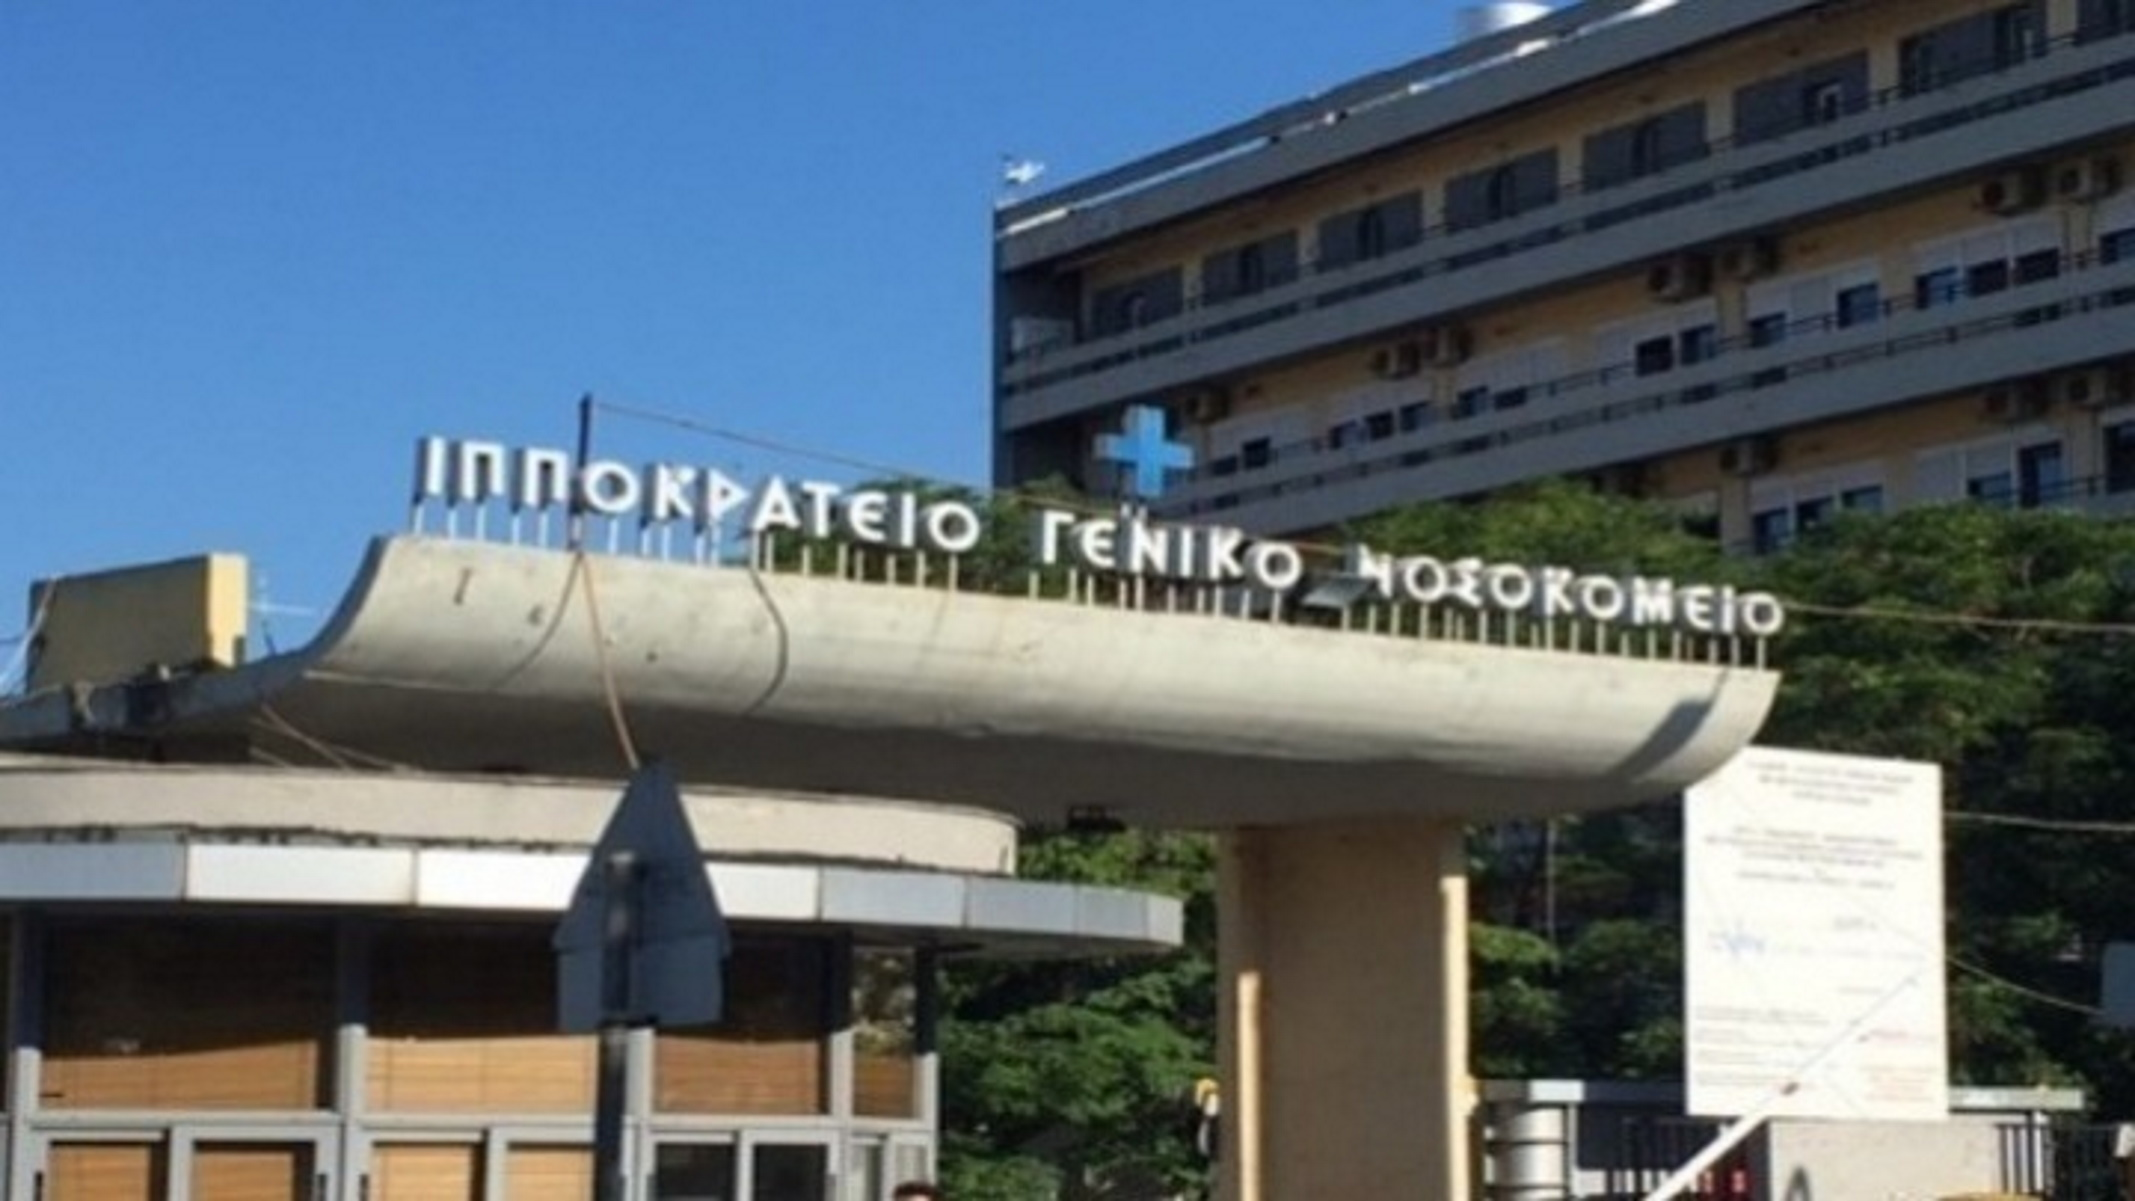 Ιπποκράτειο Θεσσαλονίκης: Τοιχογραφία αφιερωμένη στα νεανικά ρευματικά νοσήματα